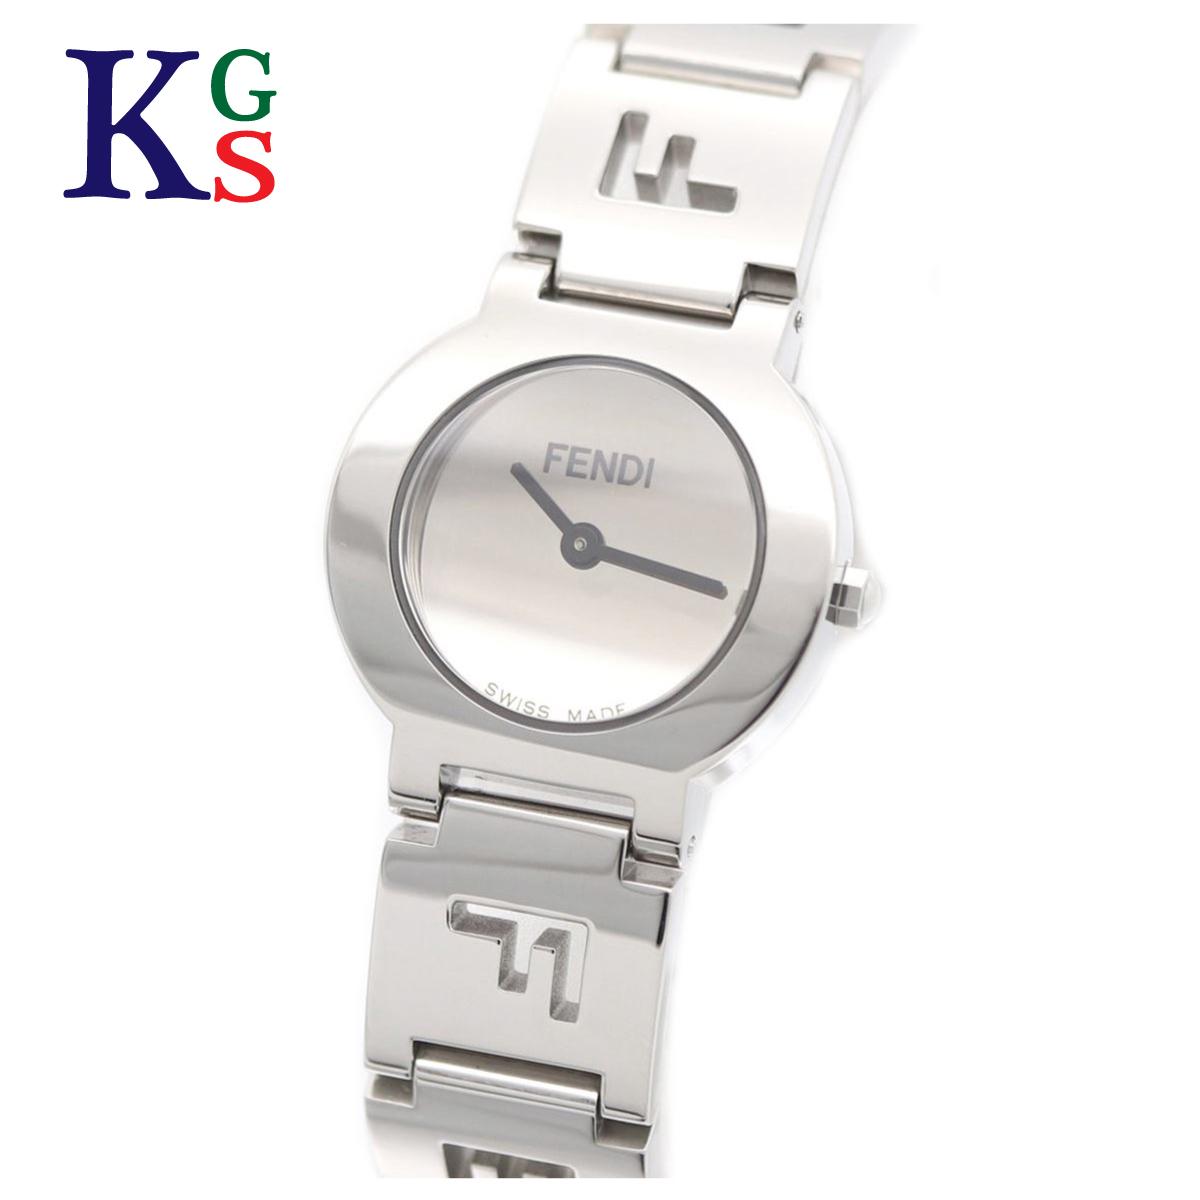 【ギフト品質】フェンディ/FENDI レディース 腕時計 オロロジ レディース ウォッチ クオーツ シルバー文字盤 ステンレススチール 3050L